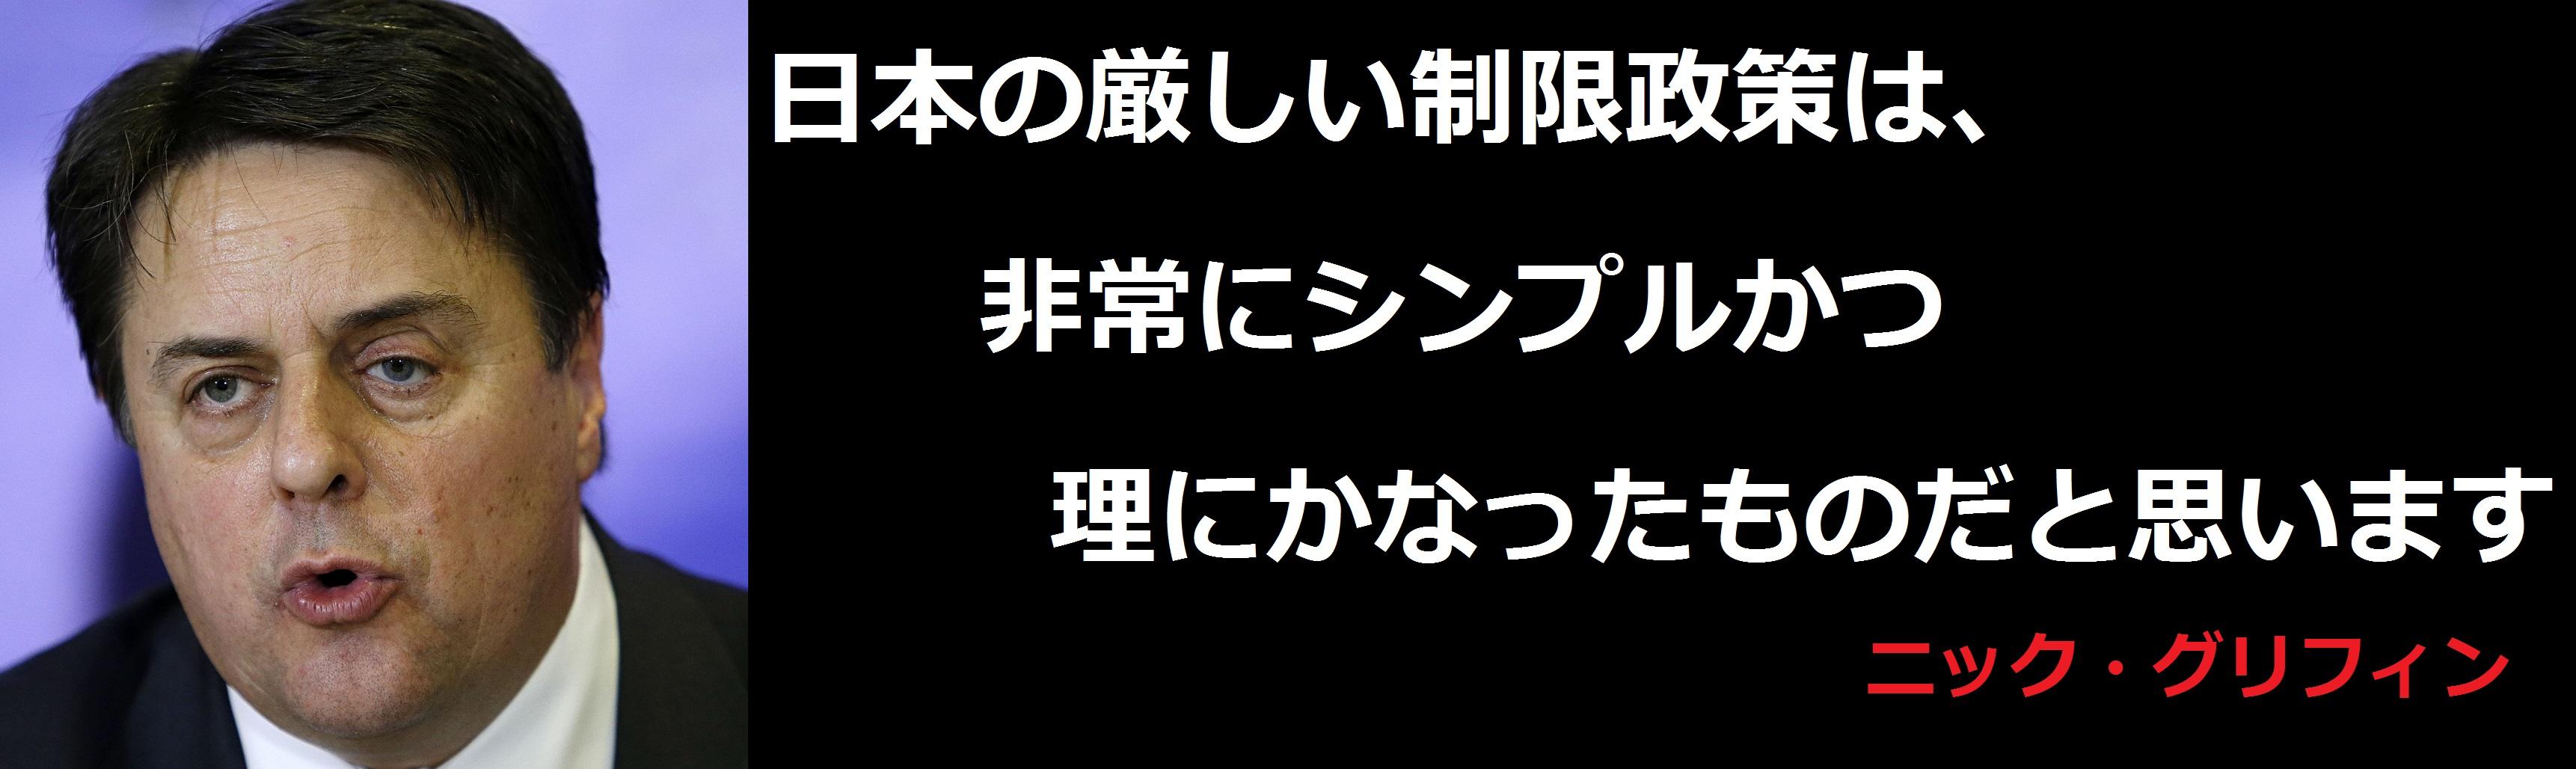 f:id:JAPbuster:20170210215652j:plain